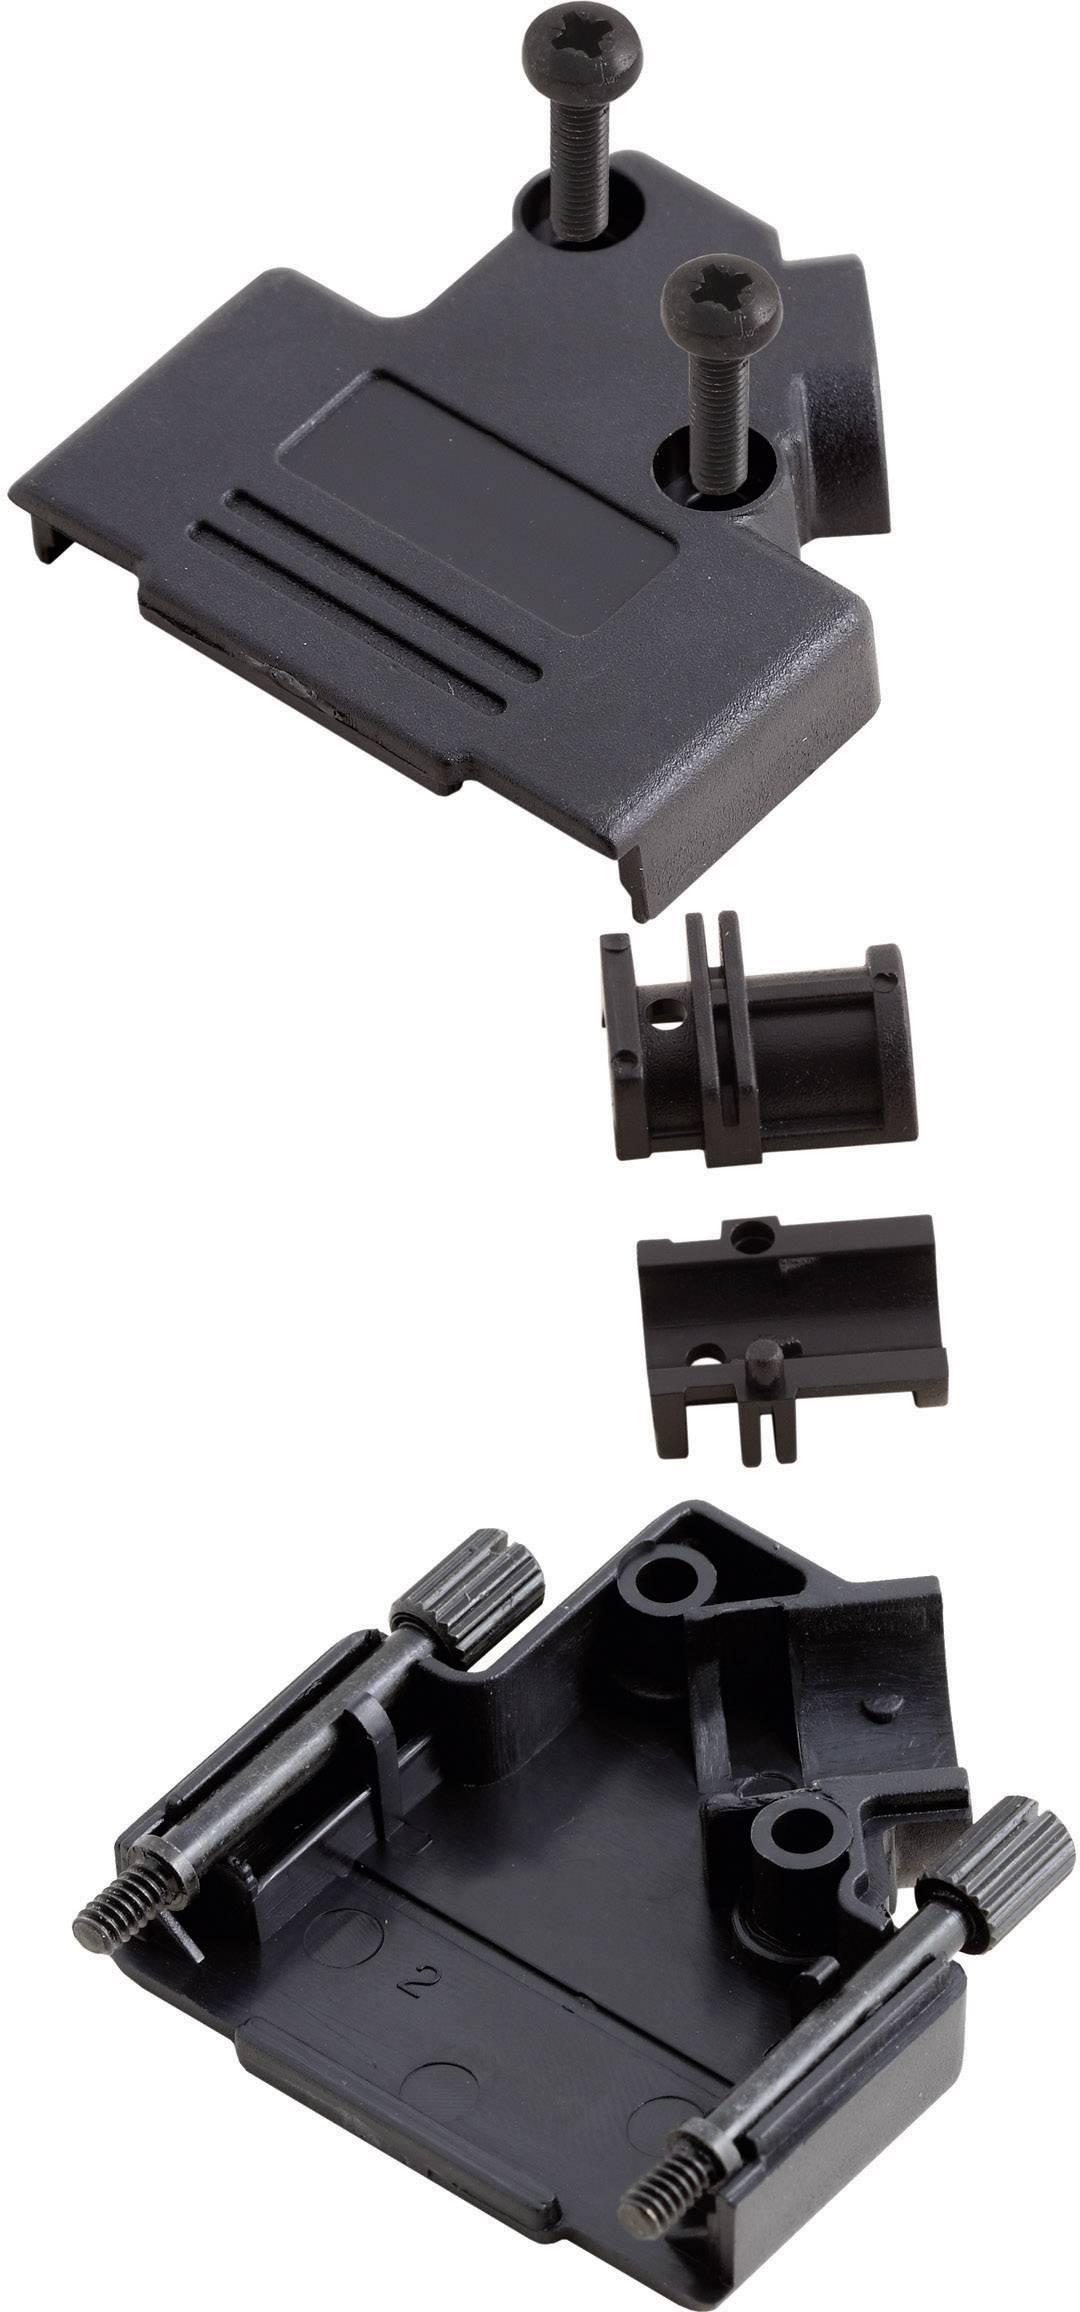 D-SUB pouzdro MH Connectors MHD45PPK-09-BK-K 6560-0107-11, Pólů: 9, plast, 45 °, černá, 1 ks